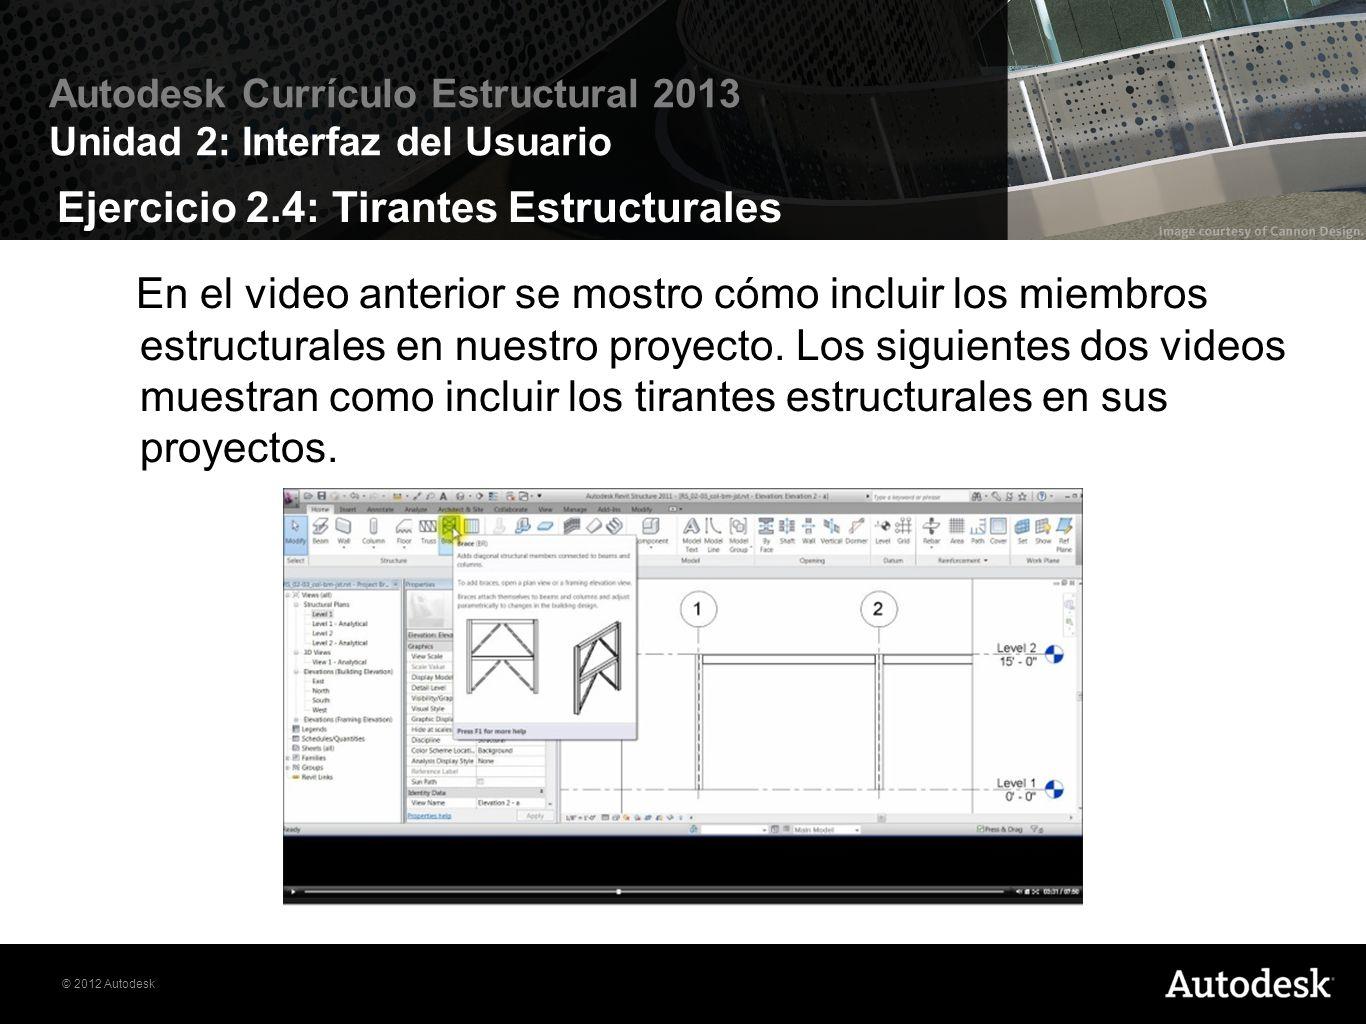 Ejercicio 2.4: Tirantes Estructurales